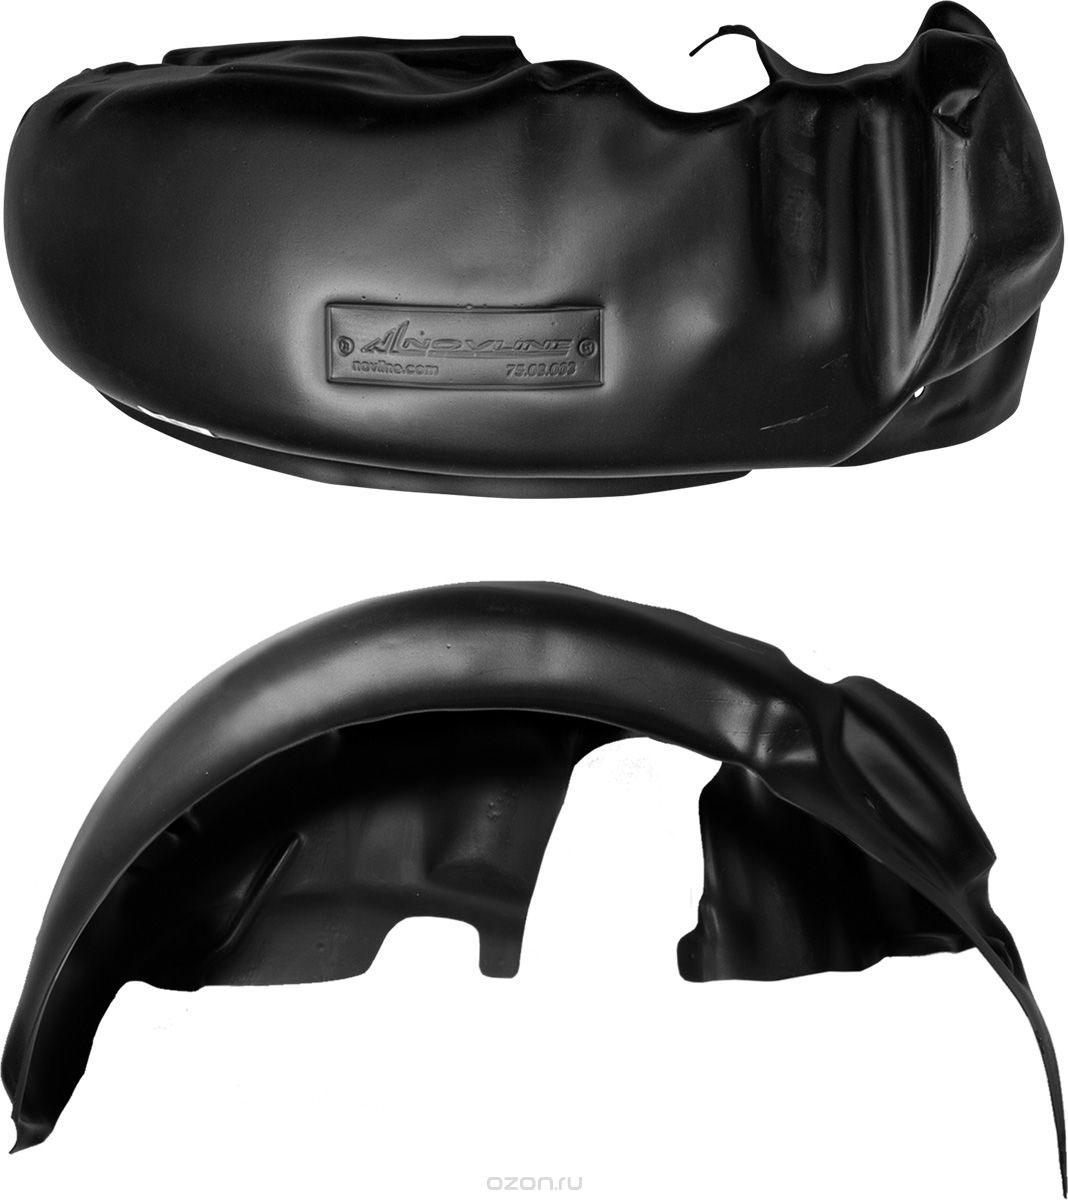 Подкрылок Novline-Autofamily, для Nissan Juke 4WD, 2010-2014, 2014->, задний левыйNLL.36.36.003Идеальная защита колесной ниши. Локеры разработаны с применением цифровых технологий, гарантируют максимальную повторяемость поверхности арки. Изделия устанавливаются без нарушения лакокрасочного покрытия автомобиля, каждый подкрылок комплектуется крепежом. Уважаемые клиенты, обращаем ваше внимание, что фотографии на подкрылки универсальные и не отражают реальную форму изделия. При этом само изделие идет точно под размер указанного автомобиля.